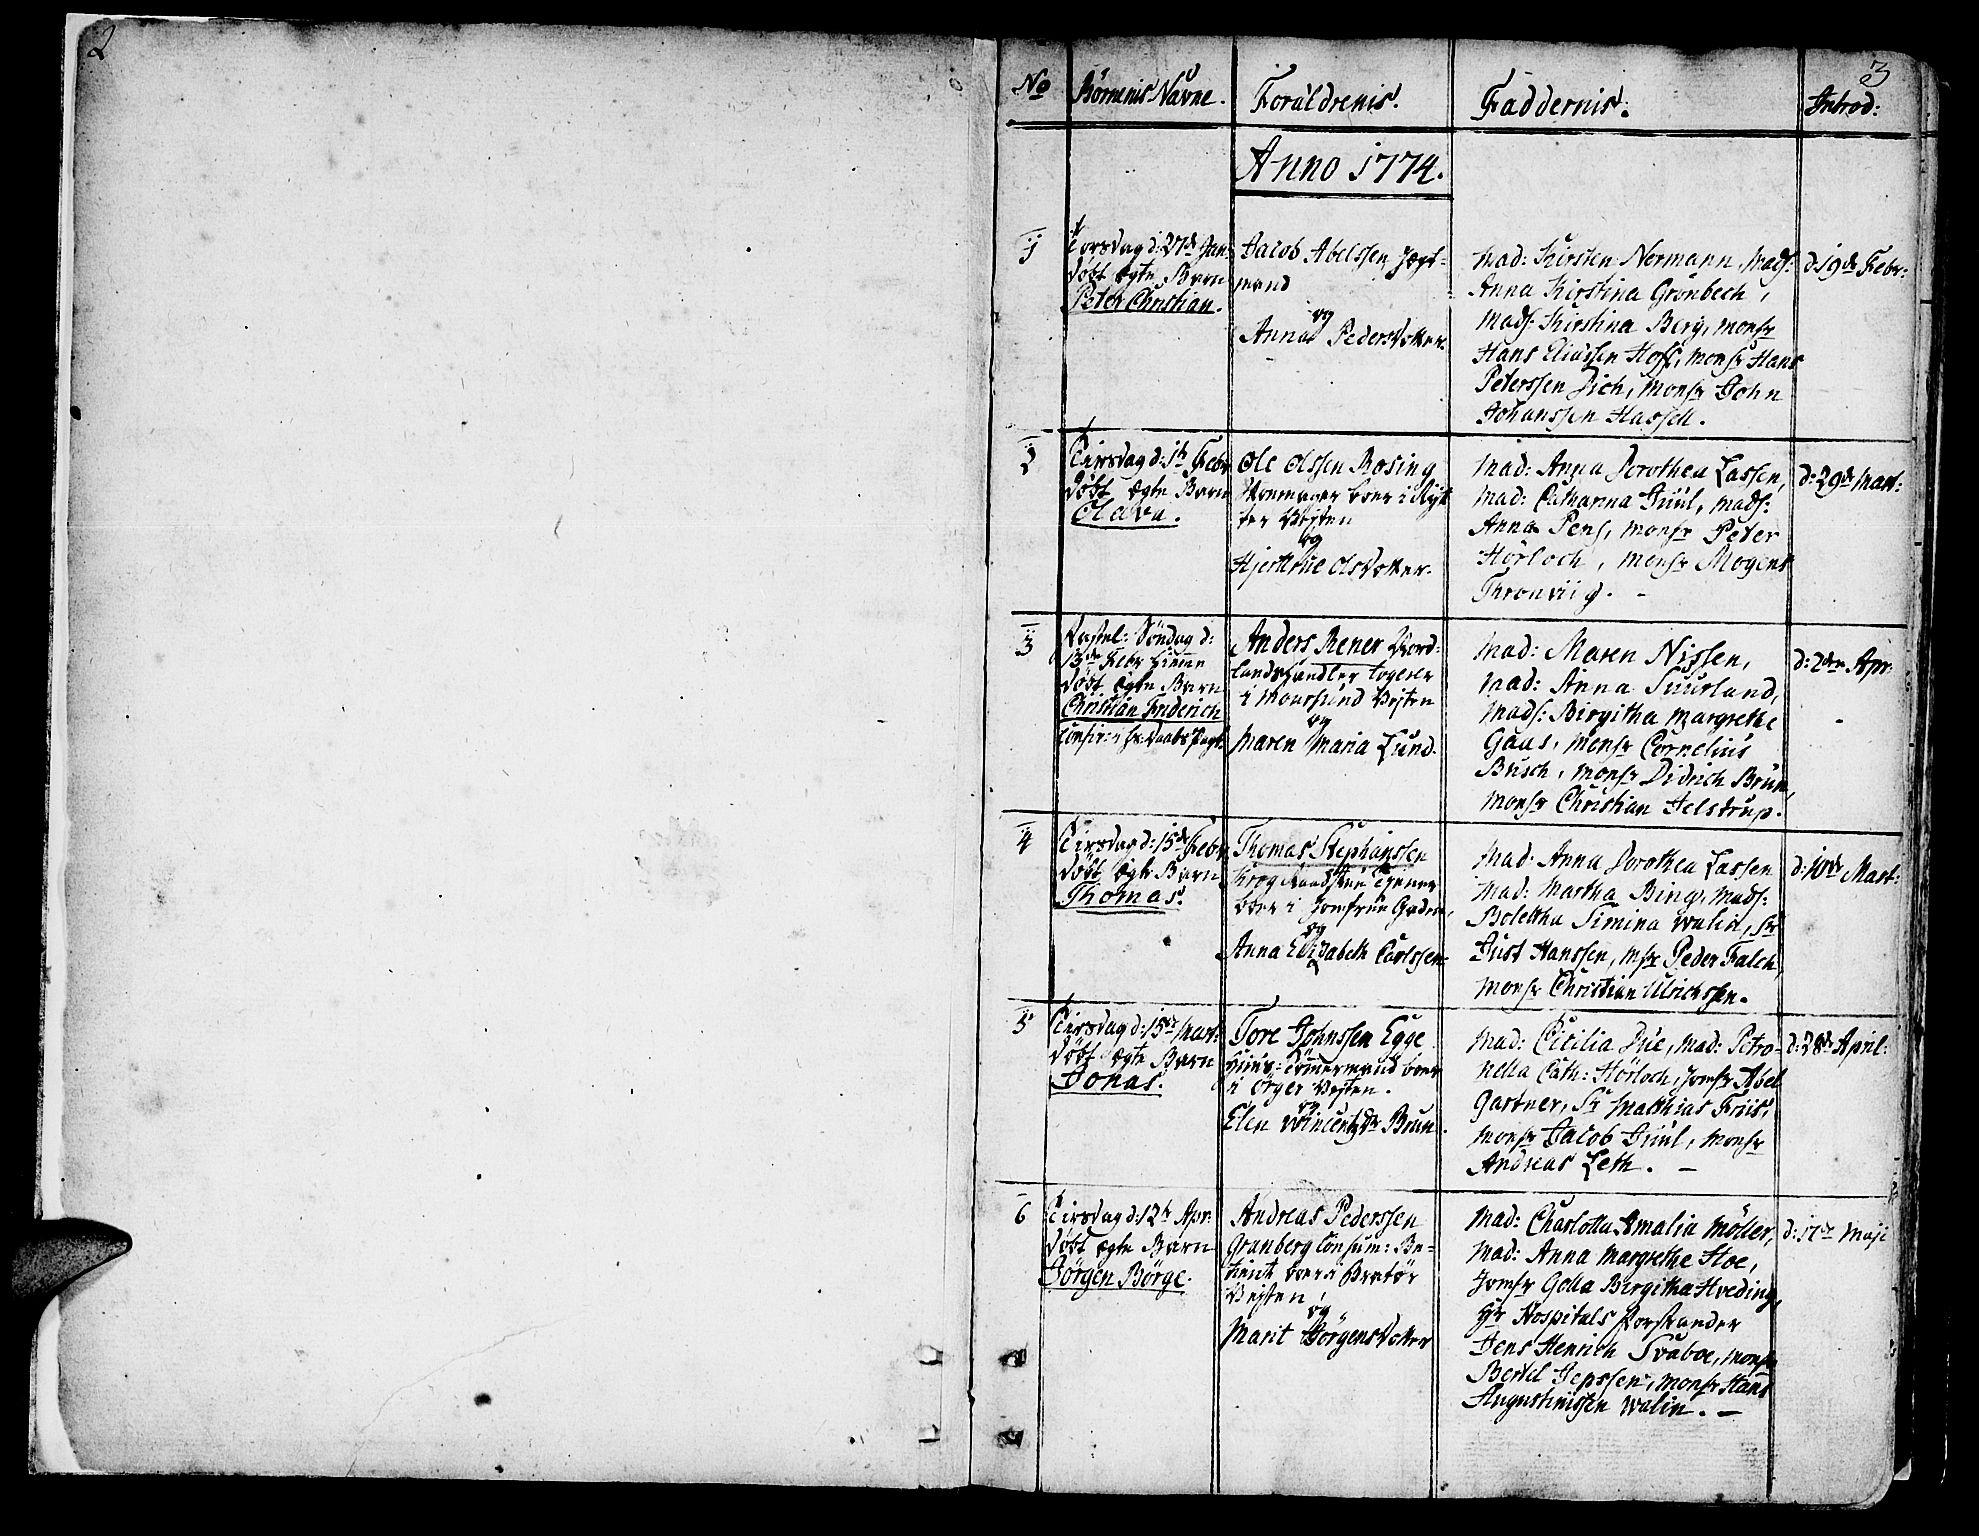 SAT, Ministerialprotokoller, klokkerbøker og fødselsregistre - Sør-Trøndelag, 602/L0104: Ministerialbok nr. 602A02, 1774-1814, s. 2-3